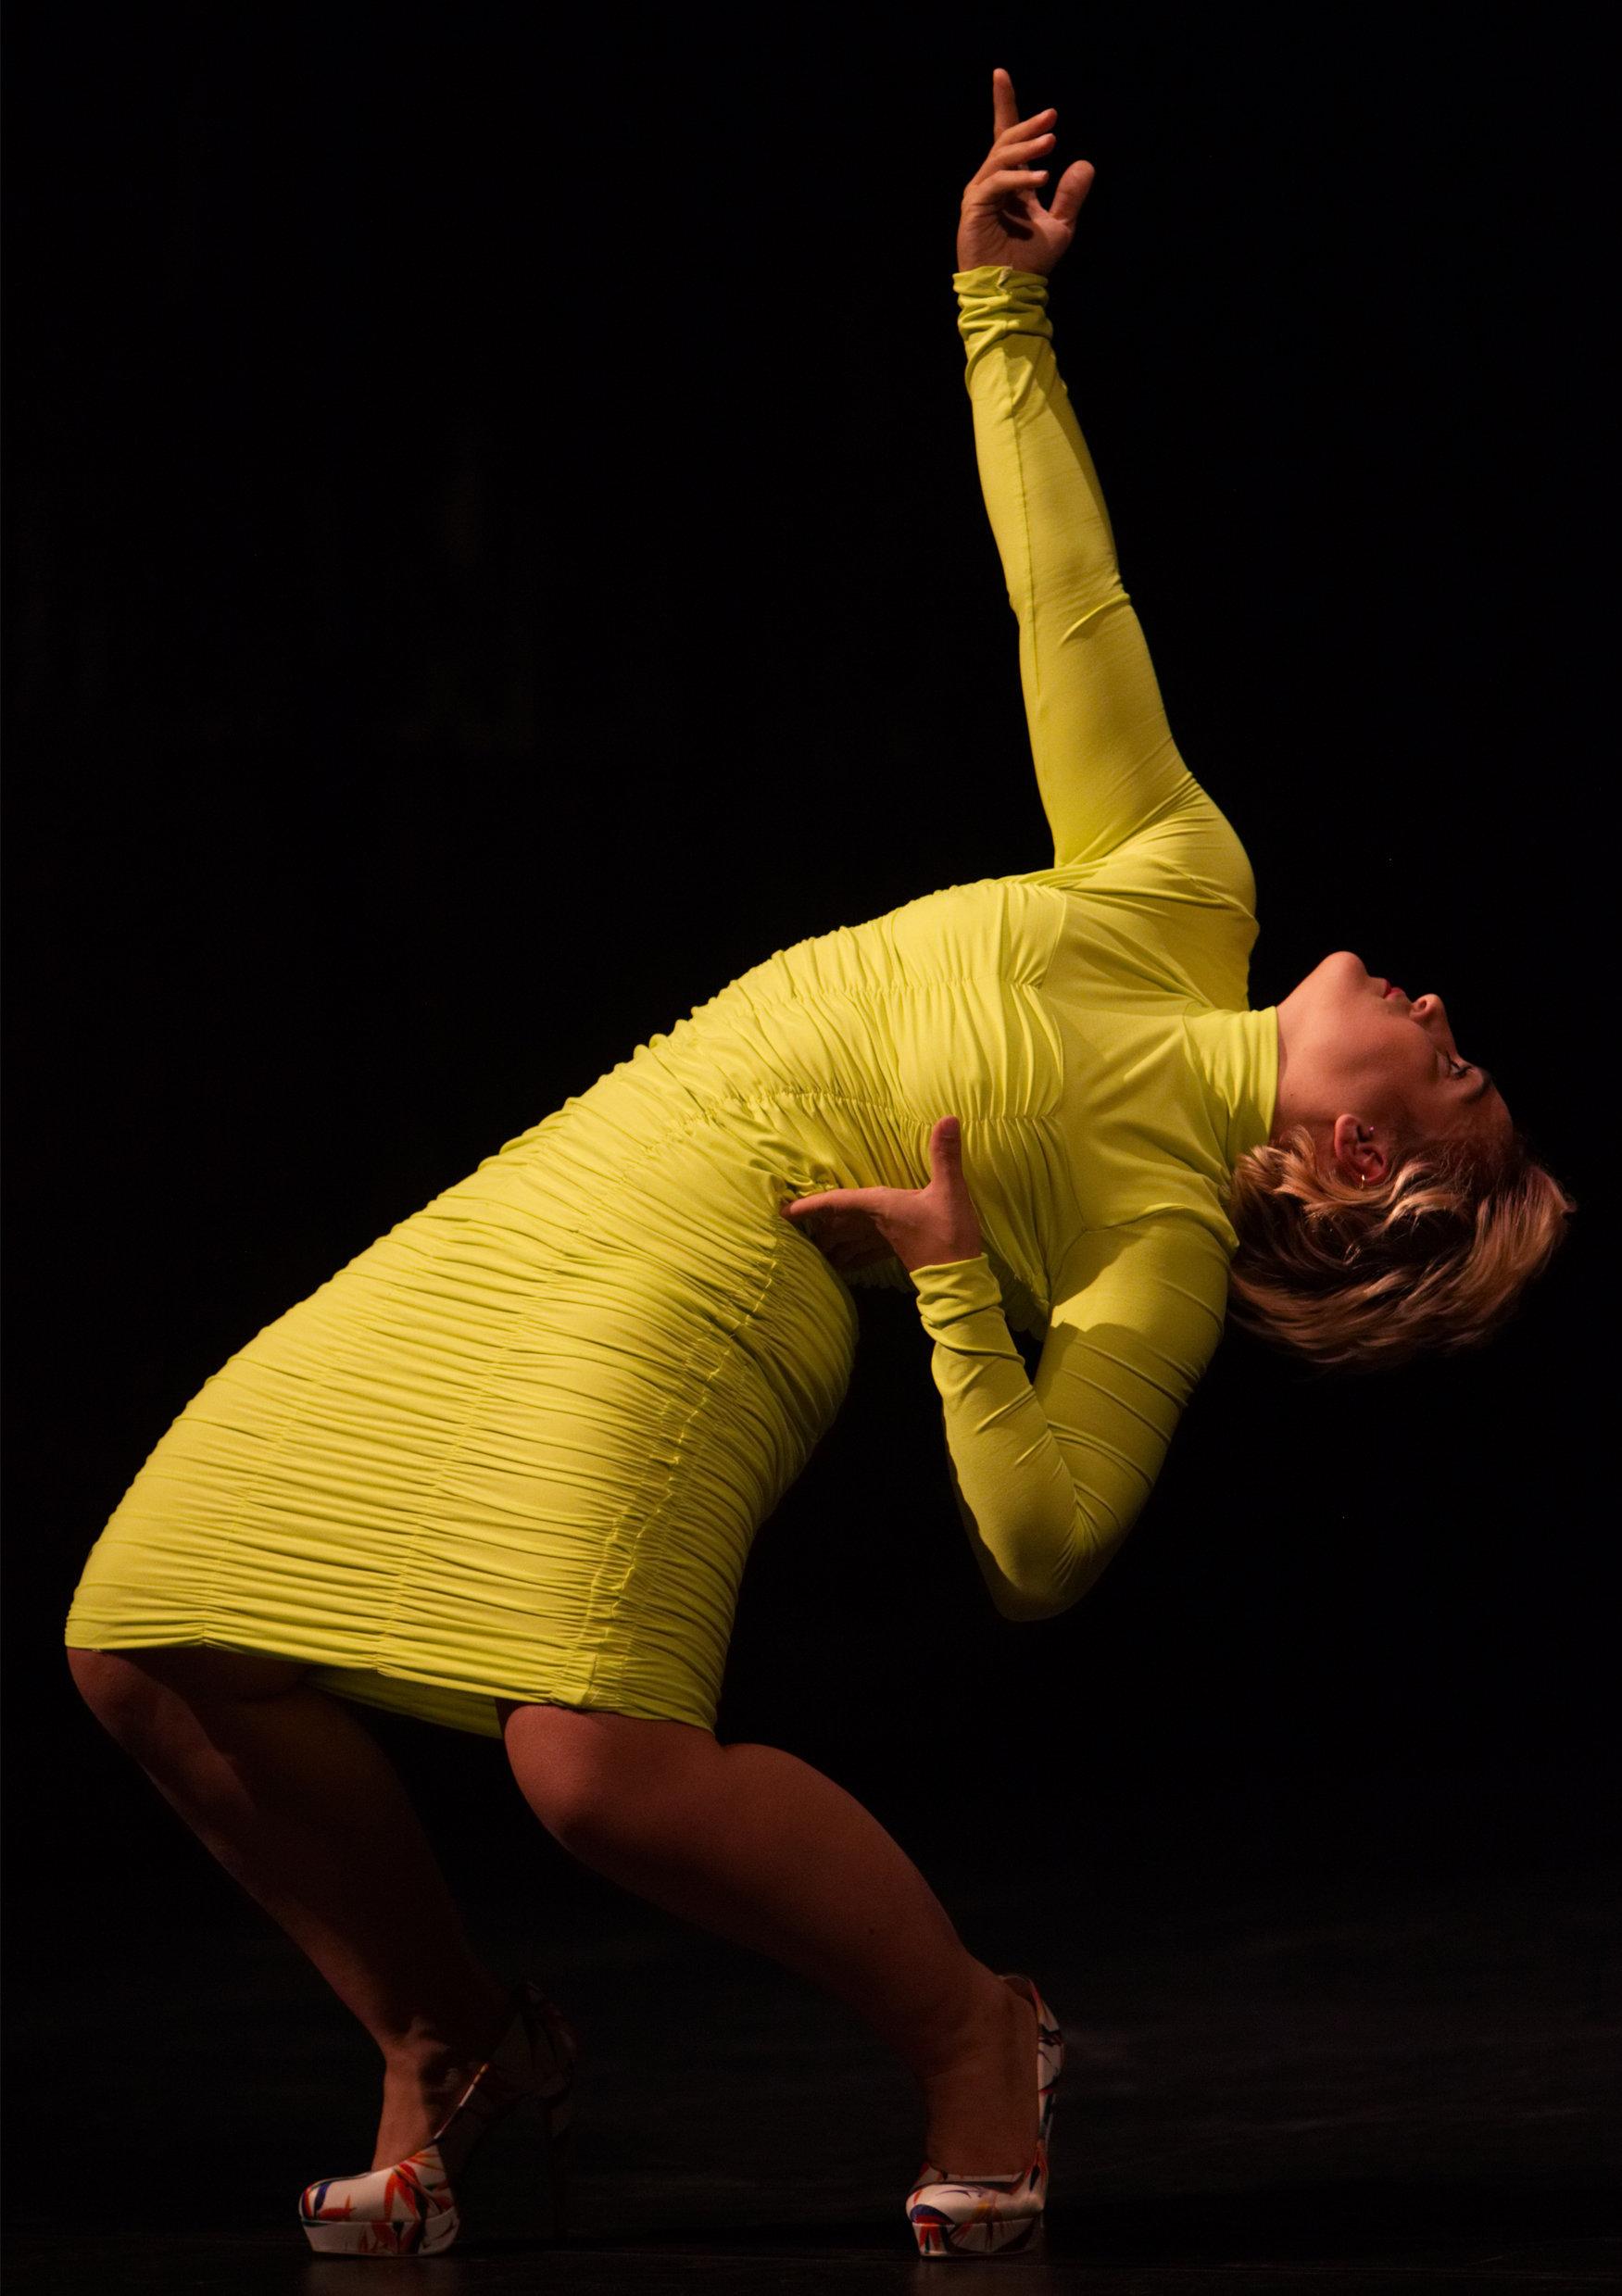 Al via Interplay/19 il Festival Internazionale di Danza Contemporanea di Torino